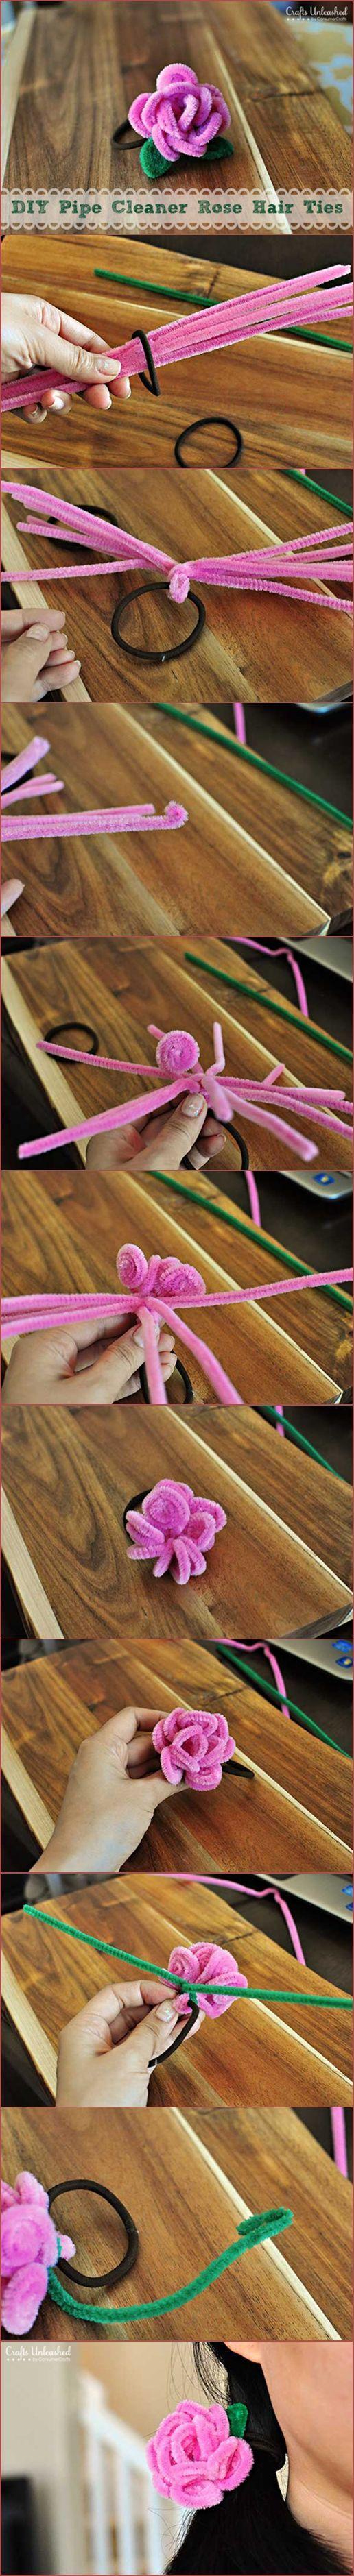 Para hacer una hermosa flor con los limpiapipas o chelines de LA REINA...: